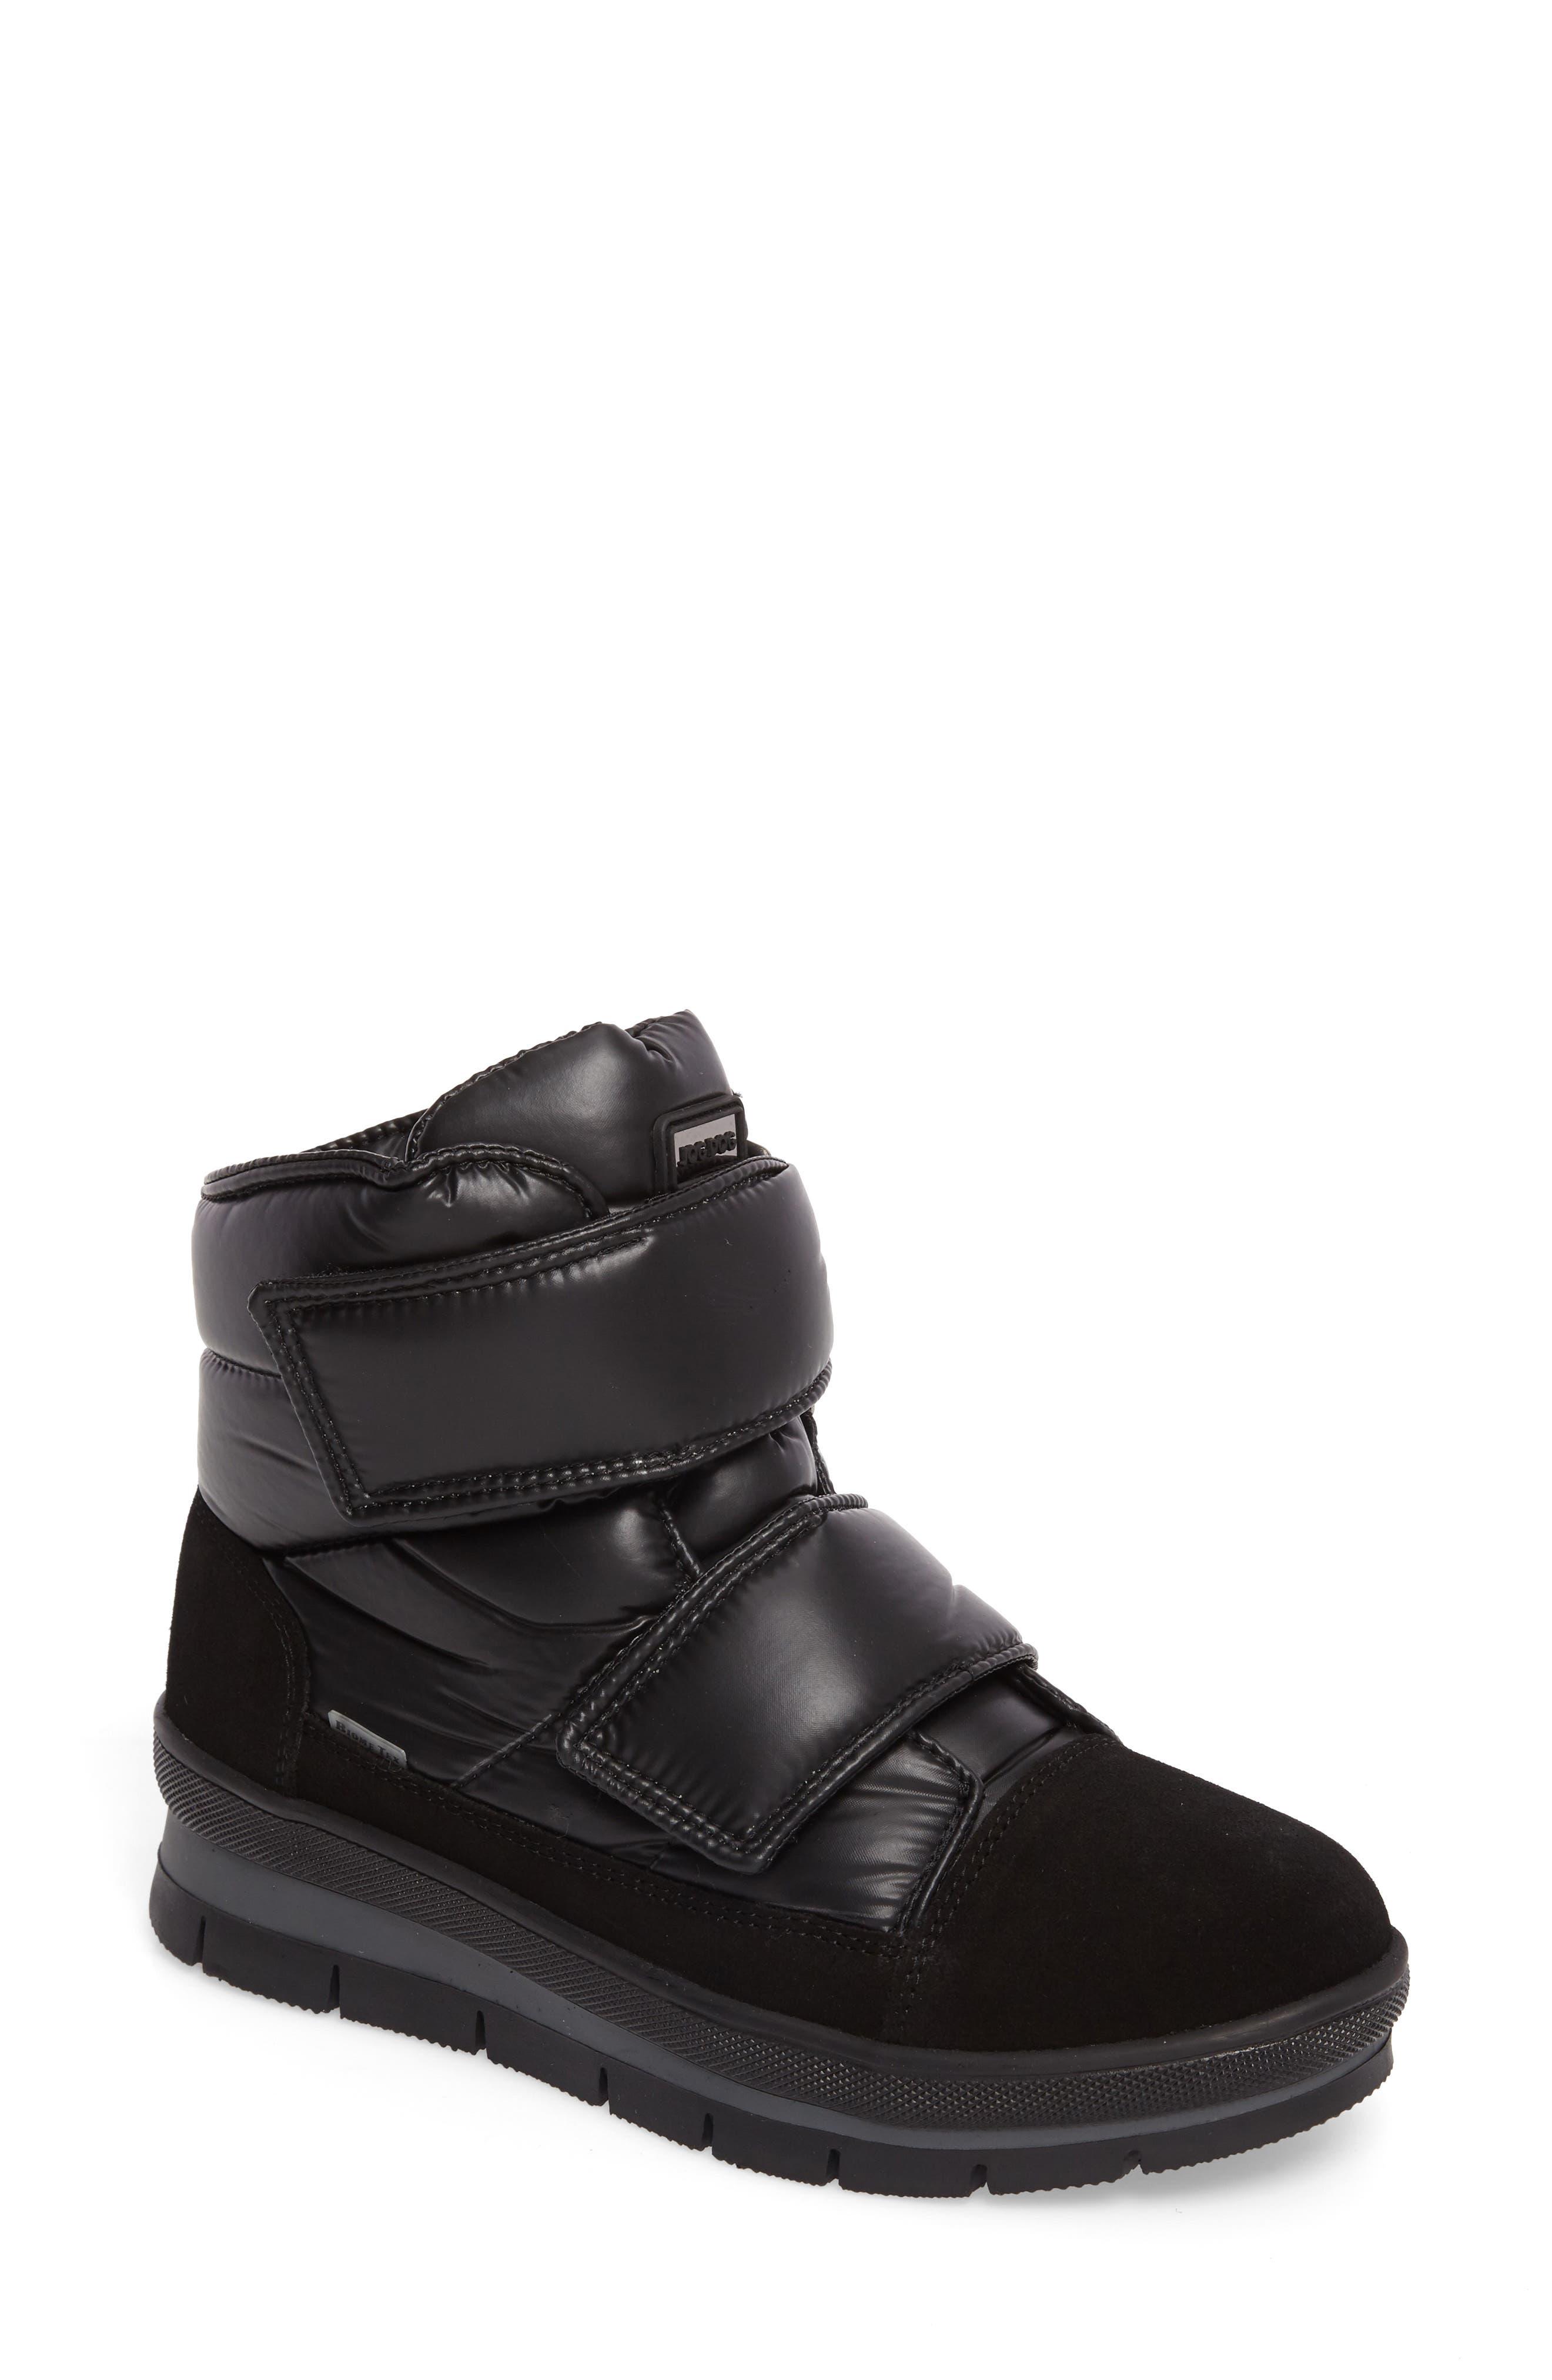 Gran Sasso Waterproof Boot,                             Main thumbnail 1, color,                             Black Baltico